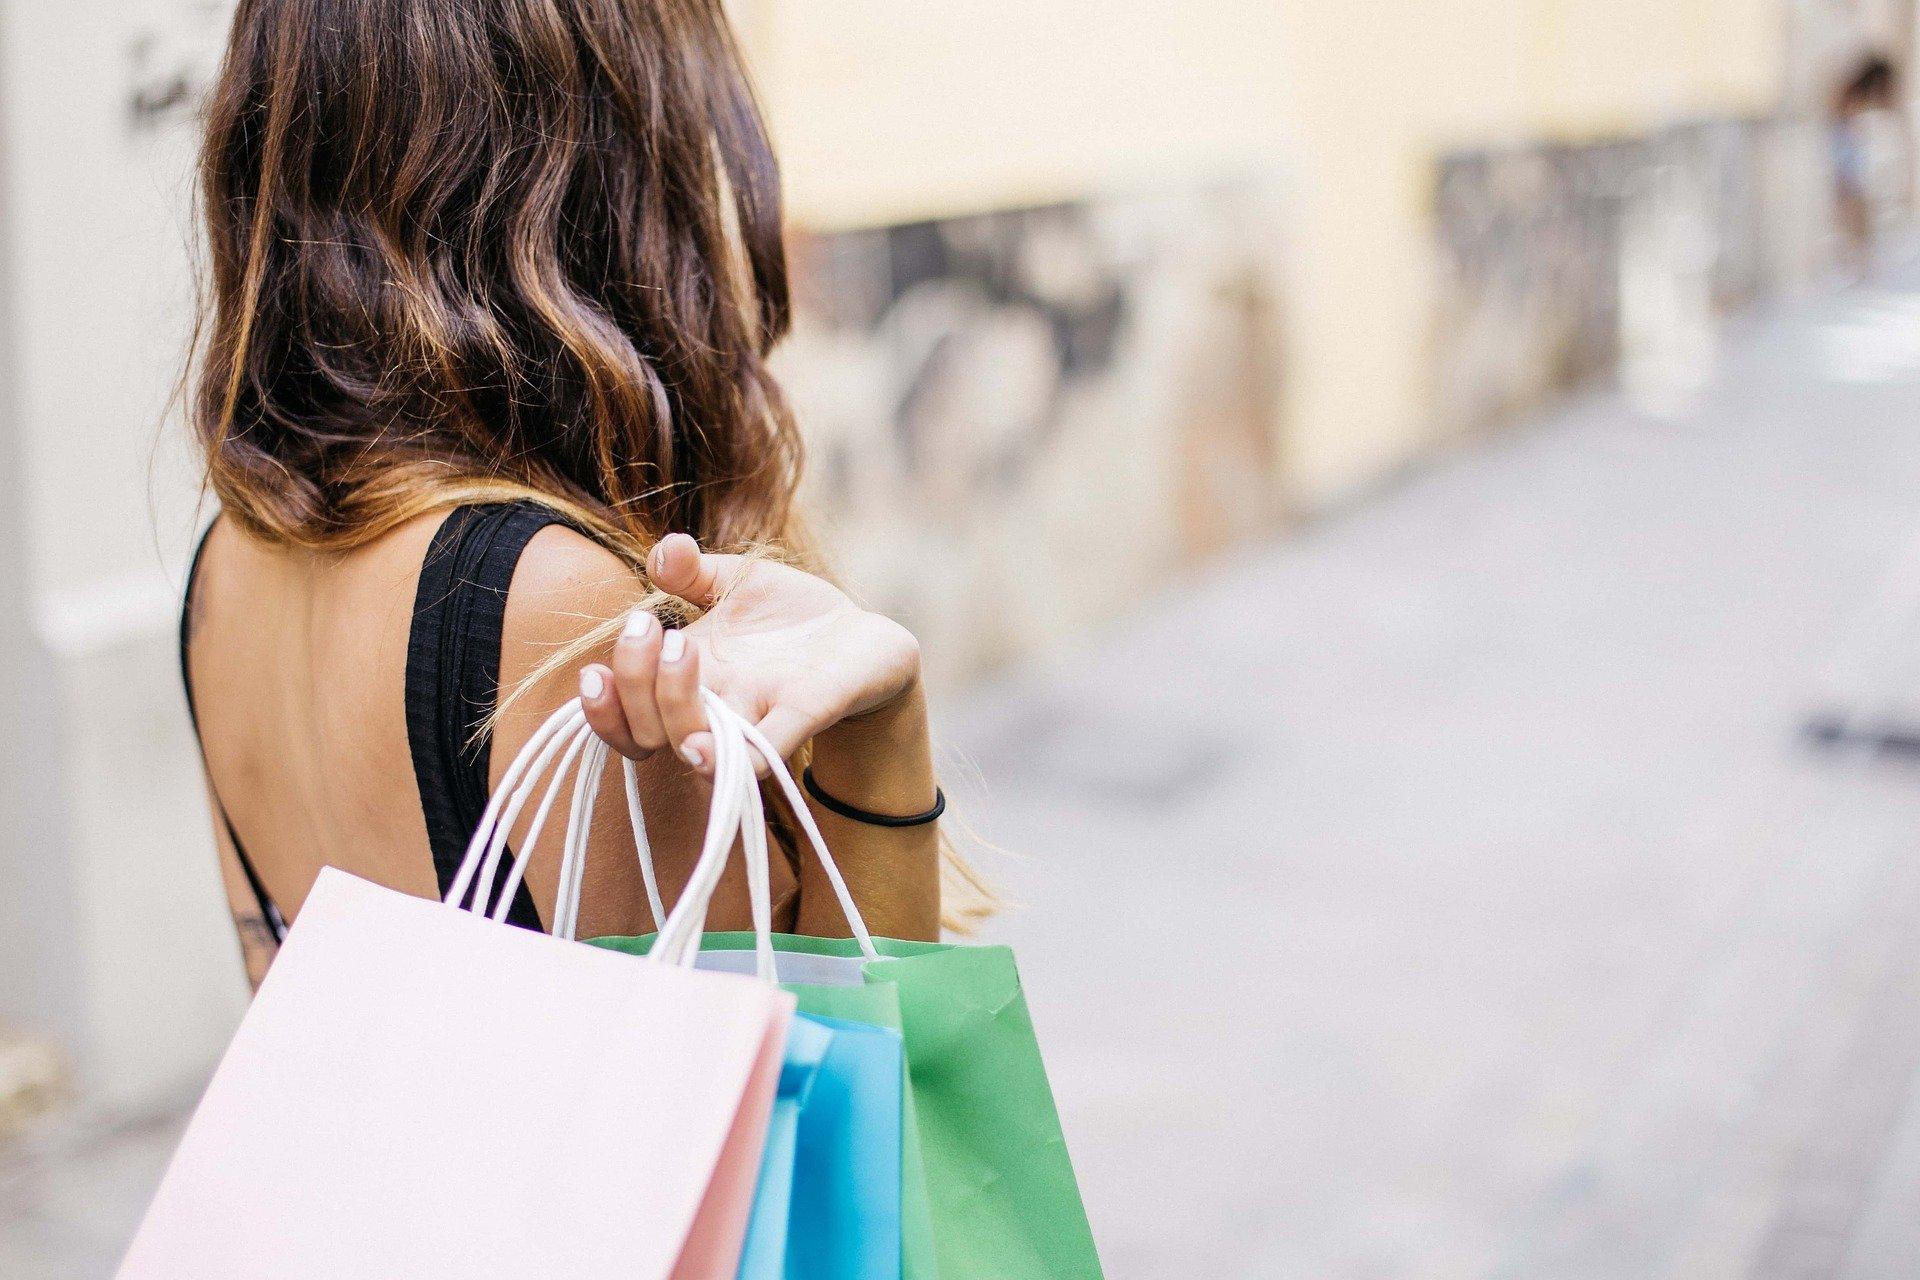 ショッピング関連の英語表現